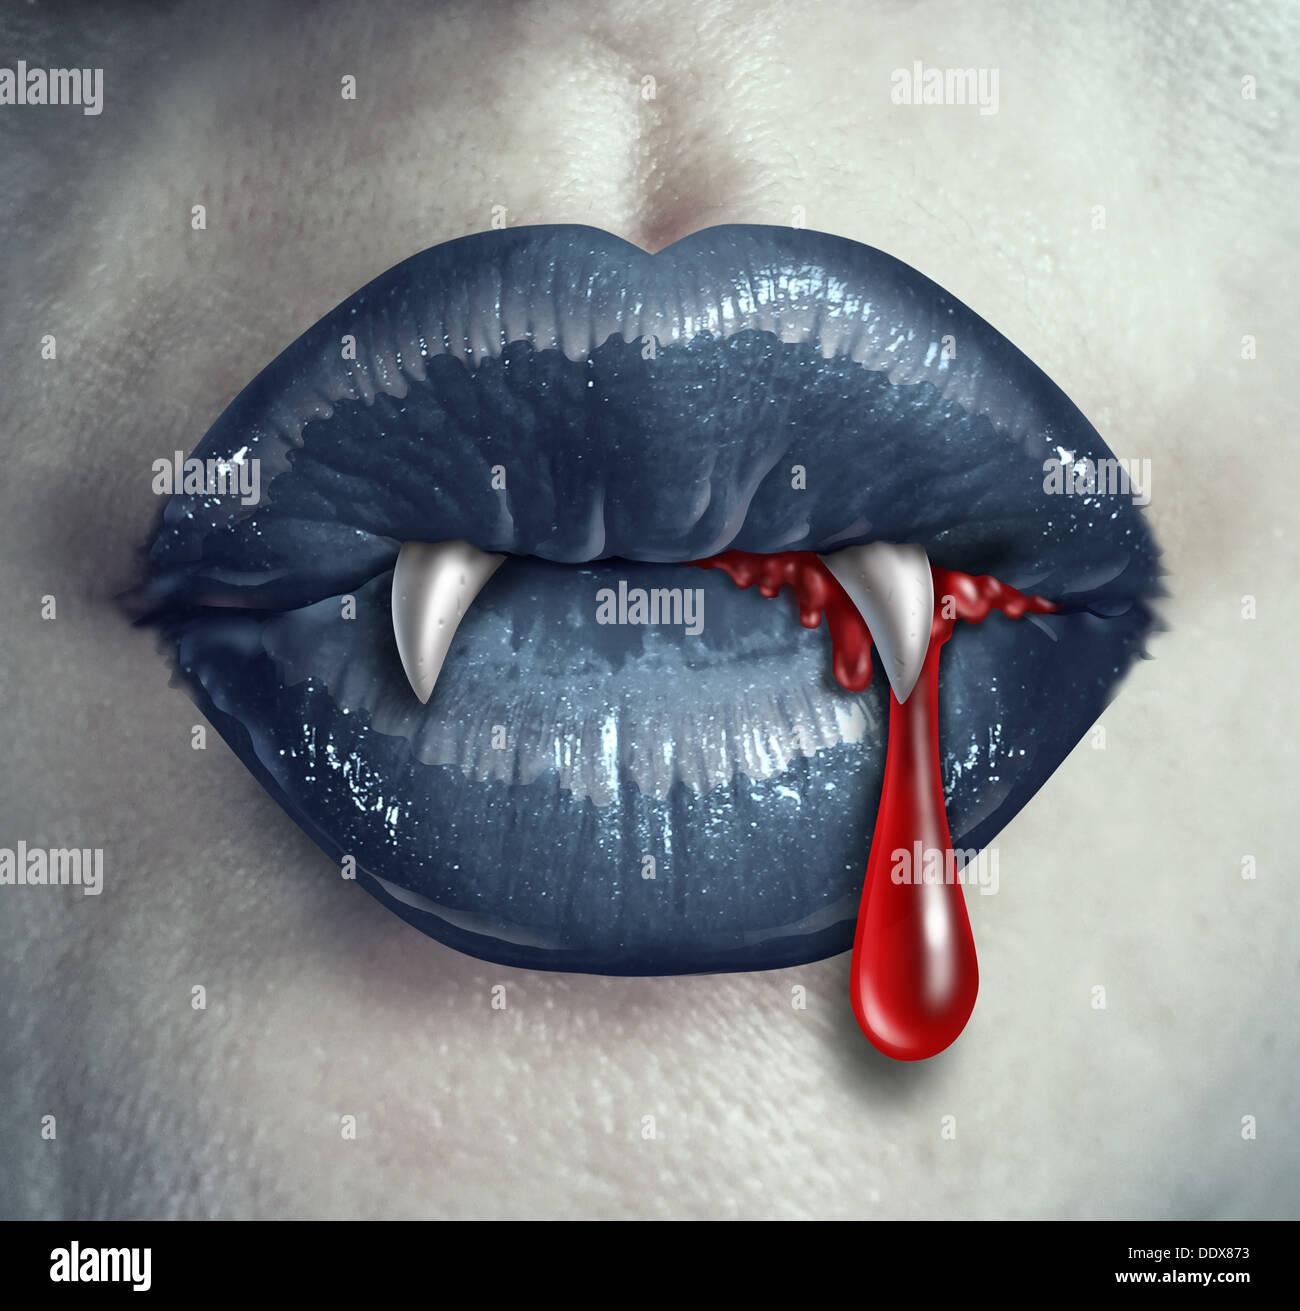 Orrore Vampire bloody denti canini e con uno stile gotico femmina con labbra nere e umano sangue liquido fuoriesce dalla bocca Immagini Stock